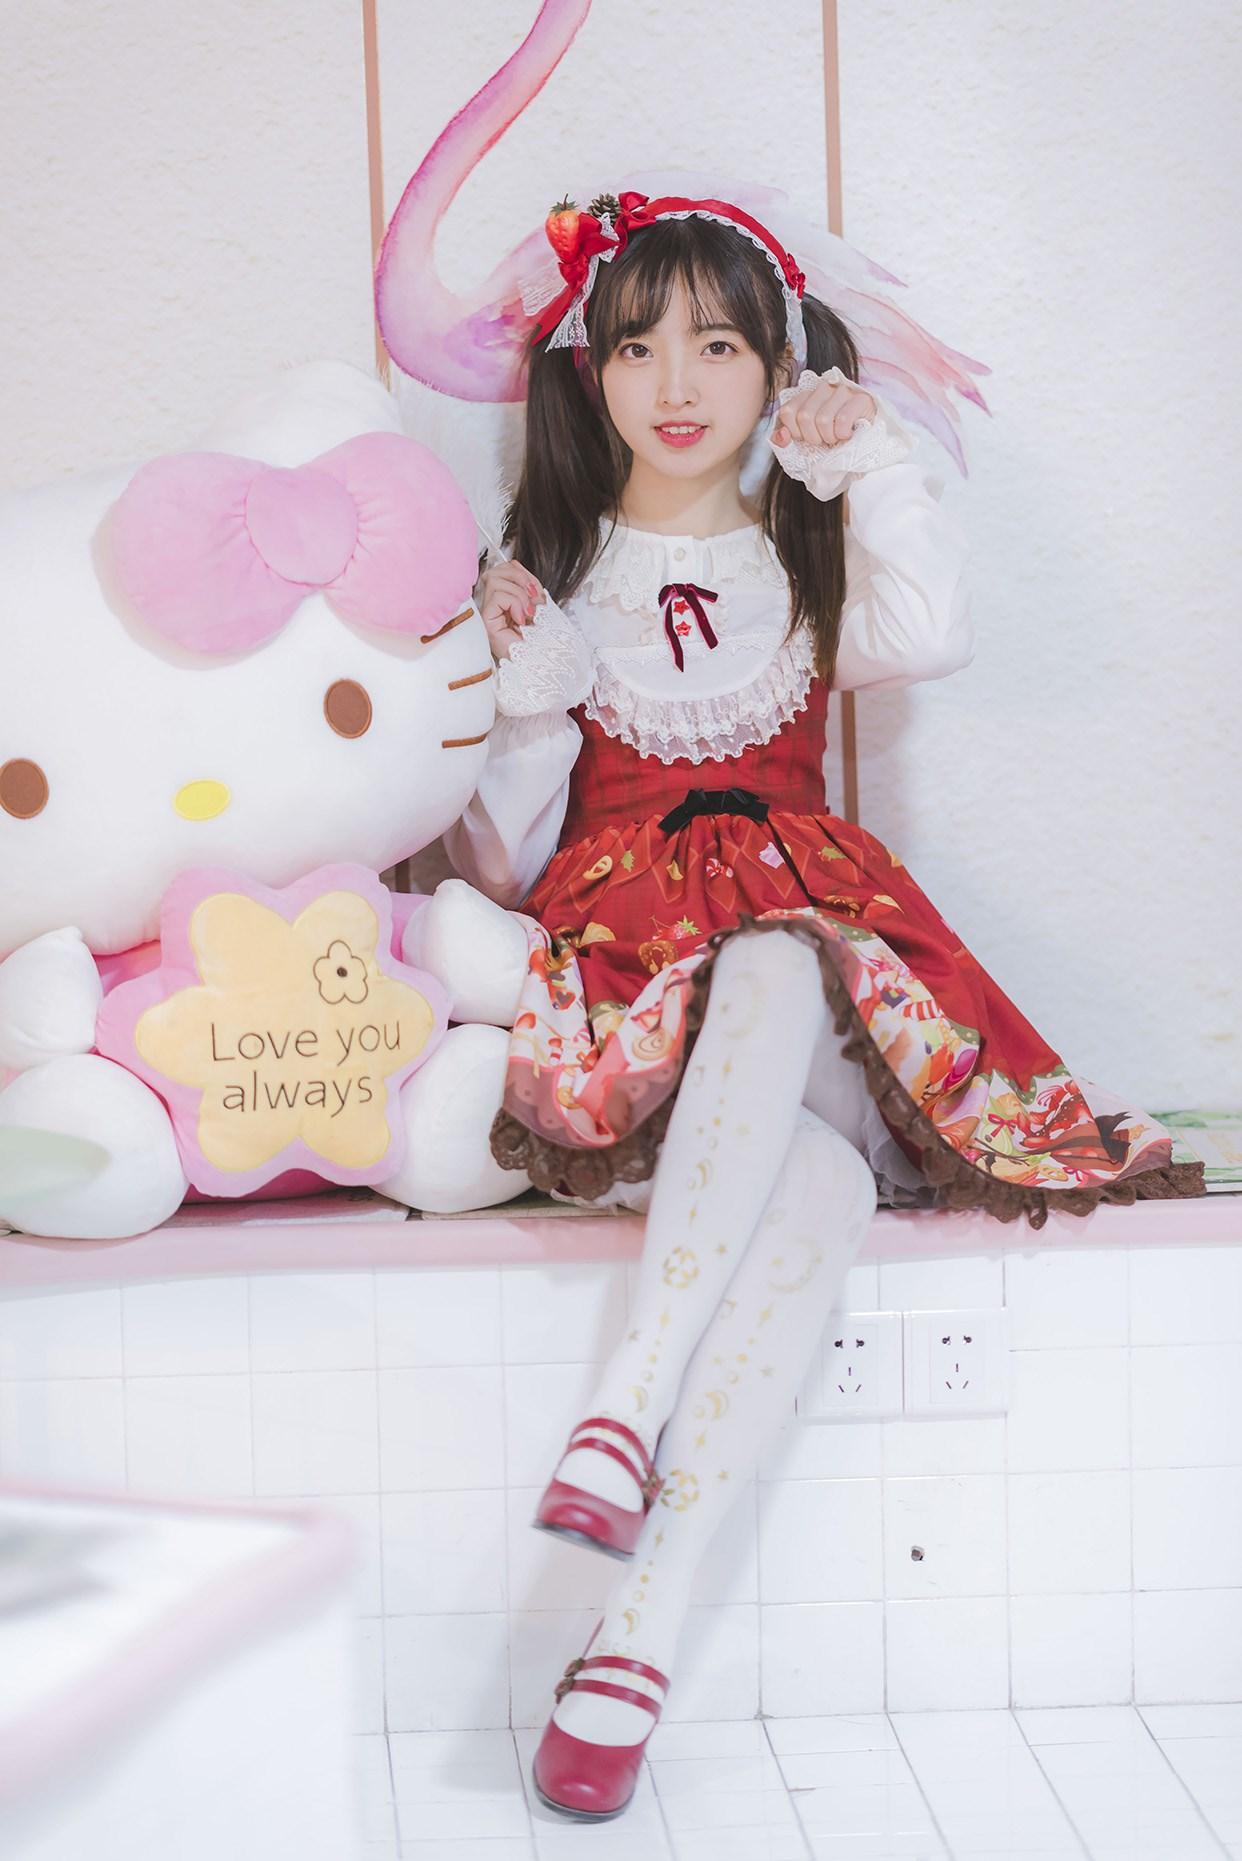 【兔玩映画】一只甜甜的小女友 兔玩映画 第34张